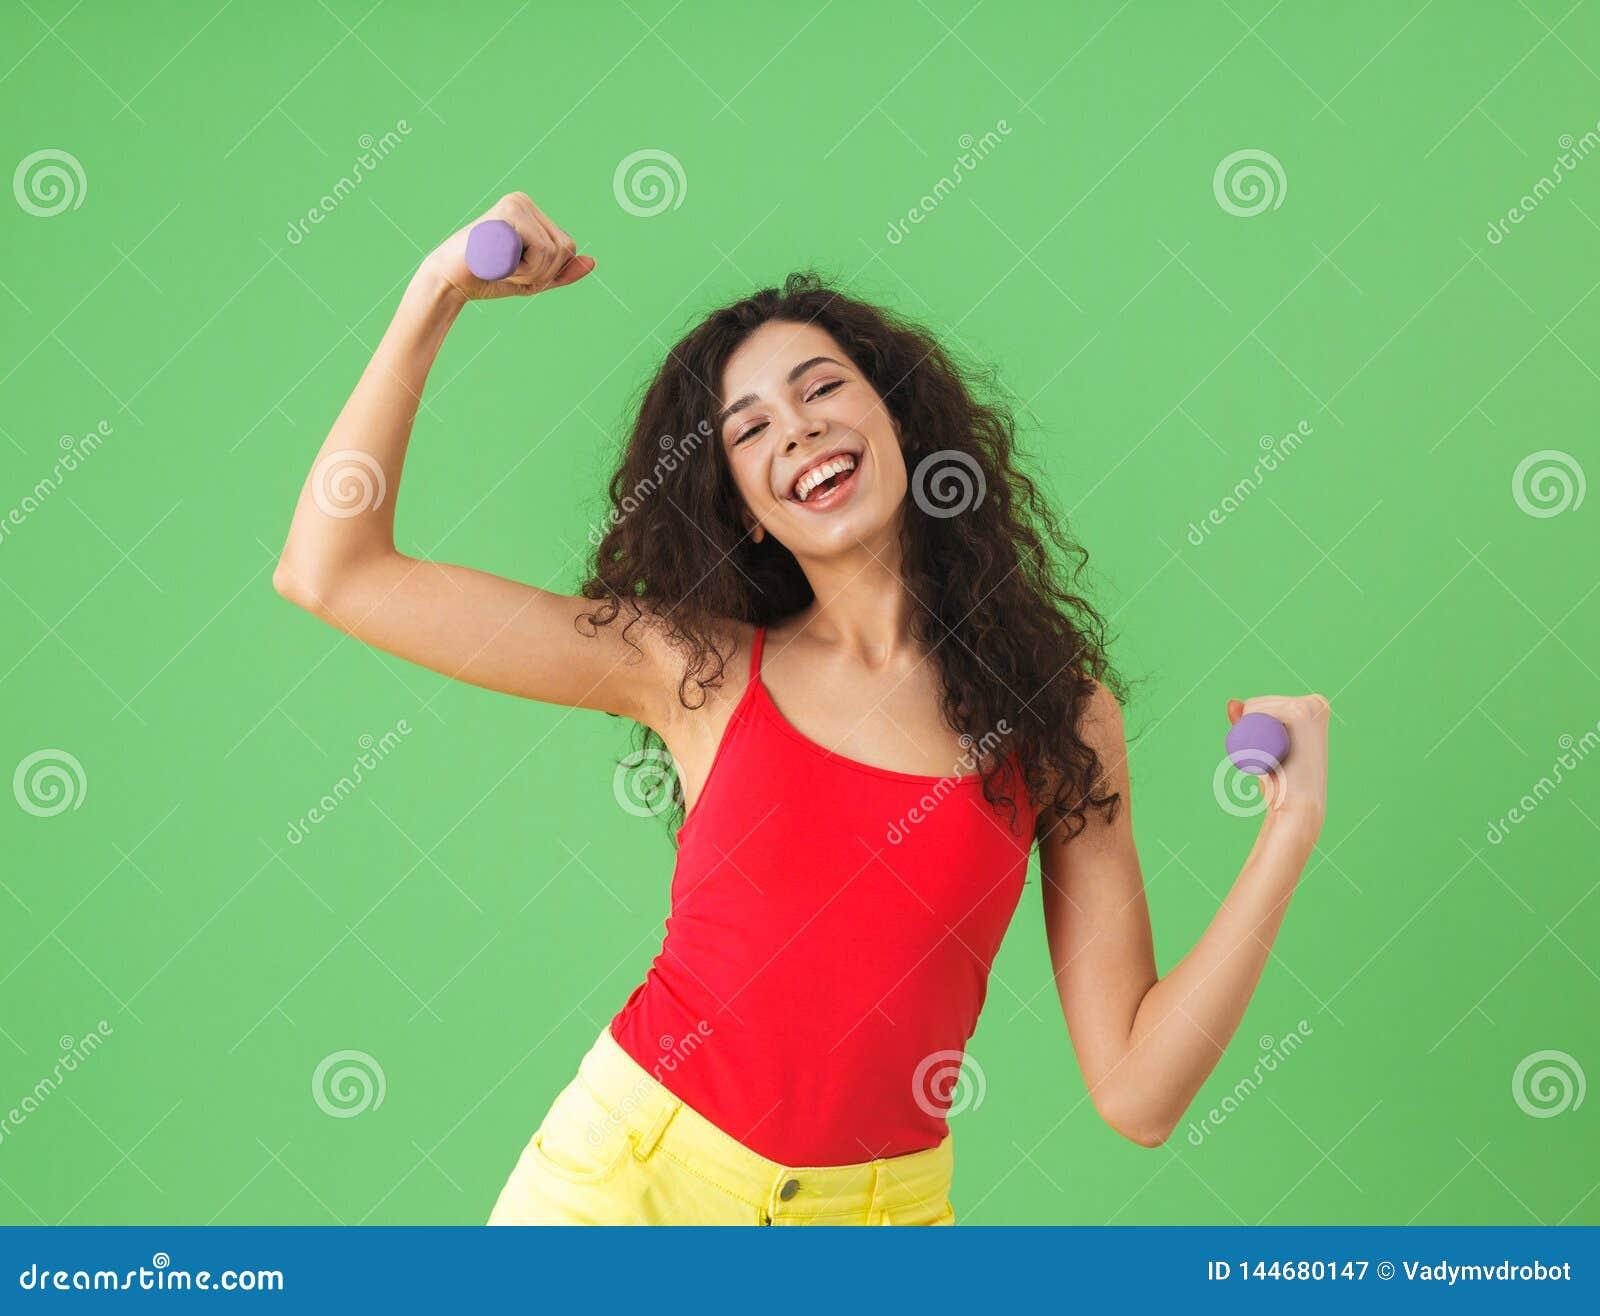 Portret robi sportom i udźwigów ciężarom przeciw zieleni ścianie caucasian dziewczyna